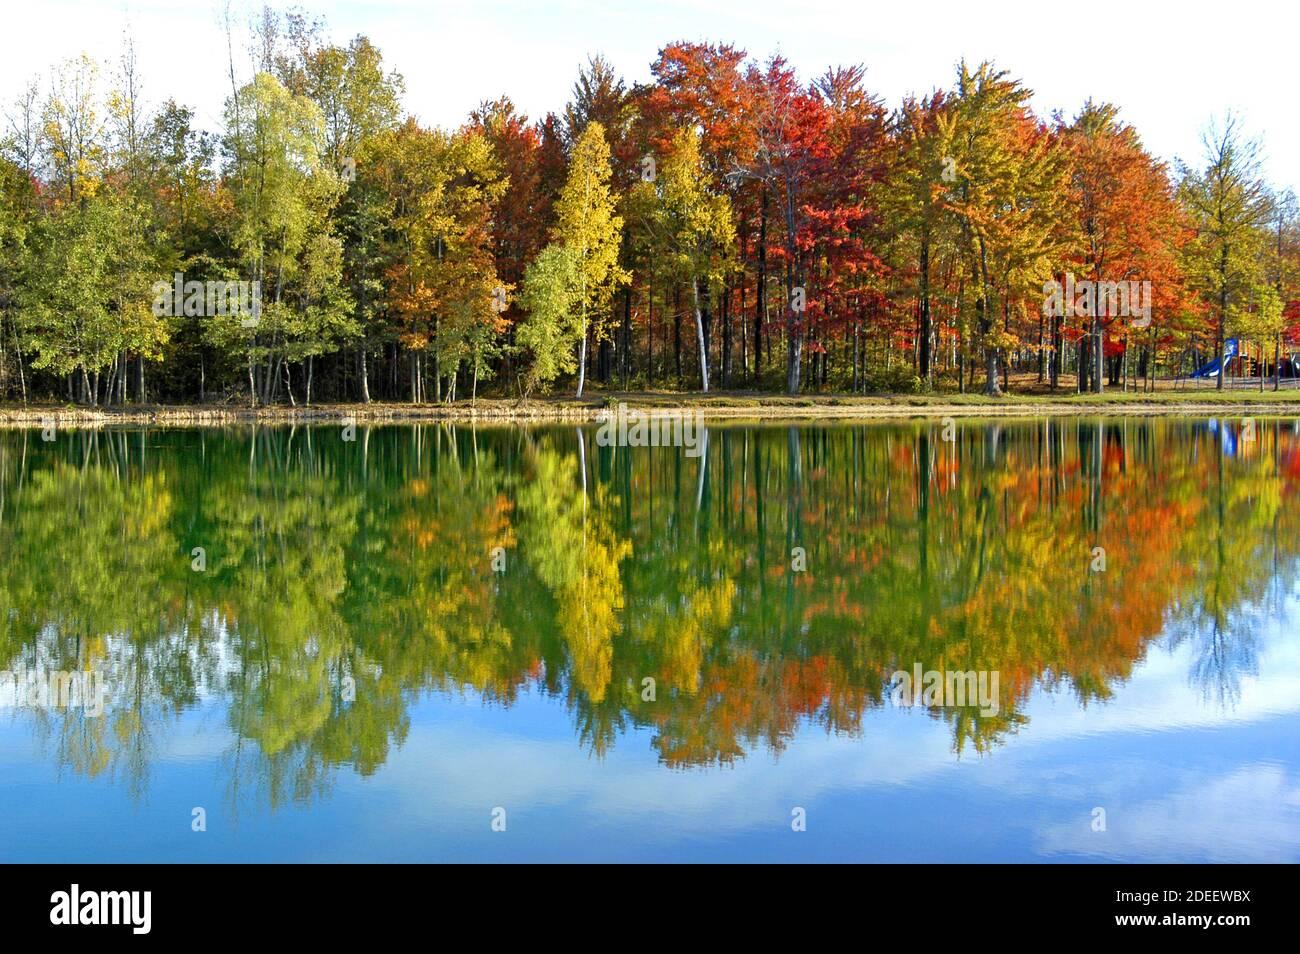 Hermosos Arce Rojo, Abedul Blanco y Arce Dorado en sus colores de otoño en el sudeste de Michigan, CERCA de Detroit Foto de stock